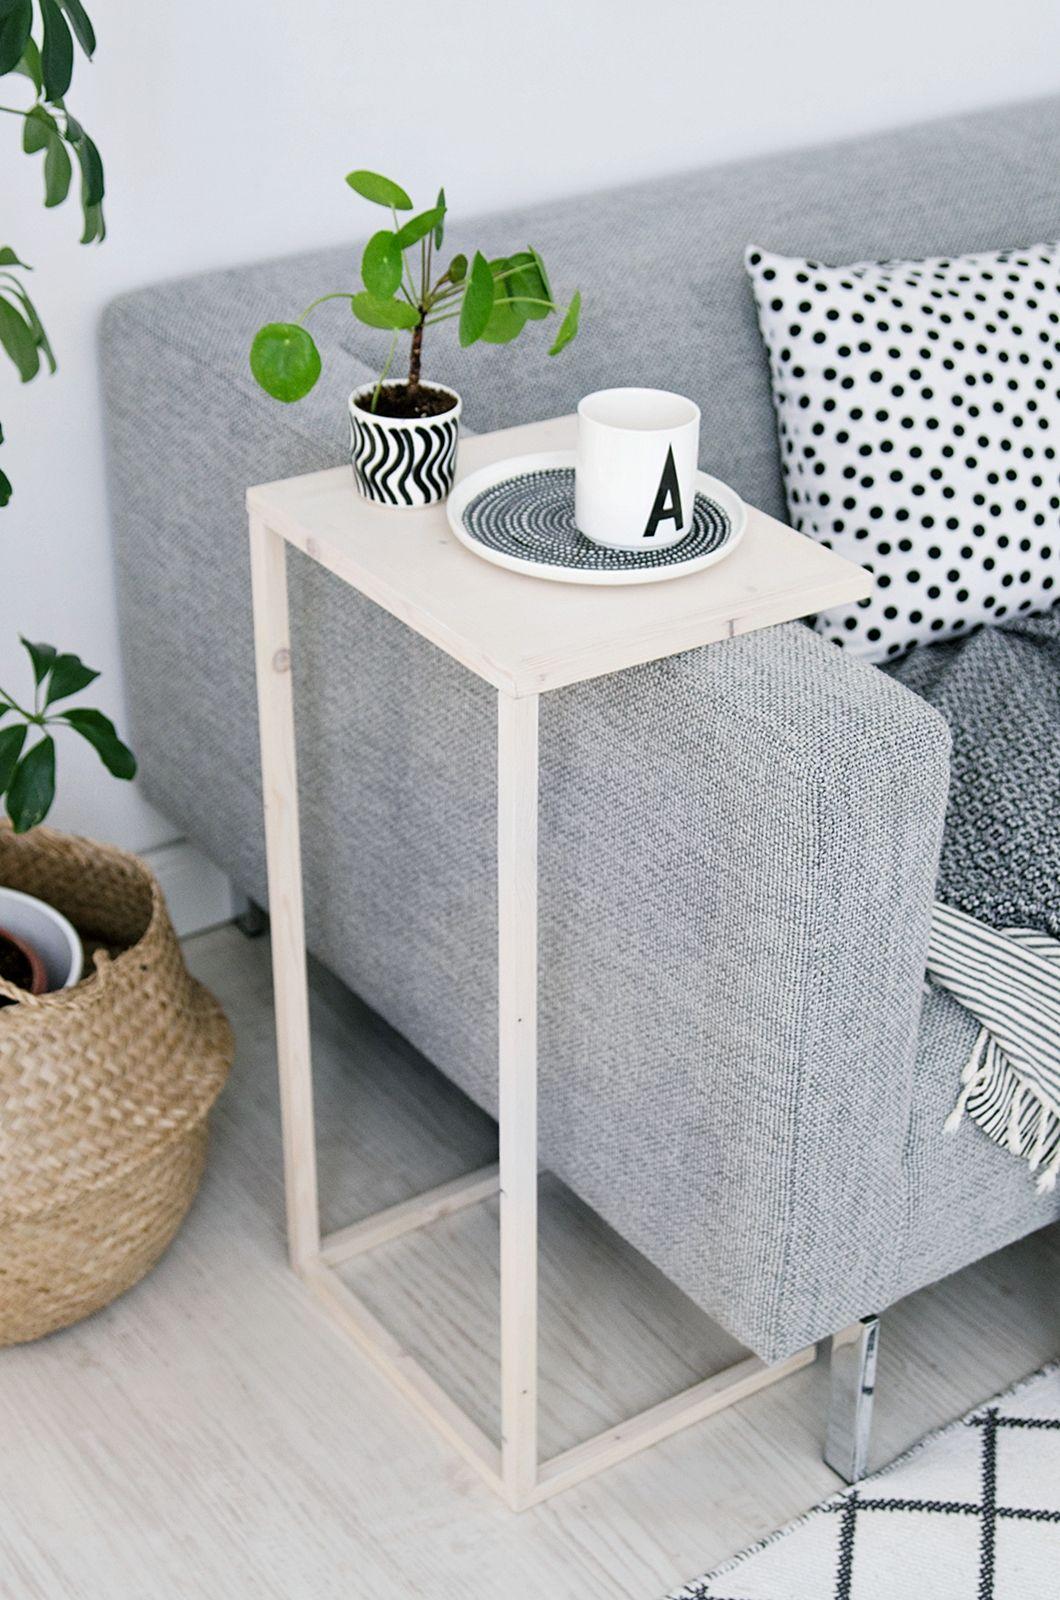 Kleine esszimmer ideen grau pin von juk kemper auf home decoration  pinterest  beistelltische